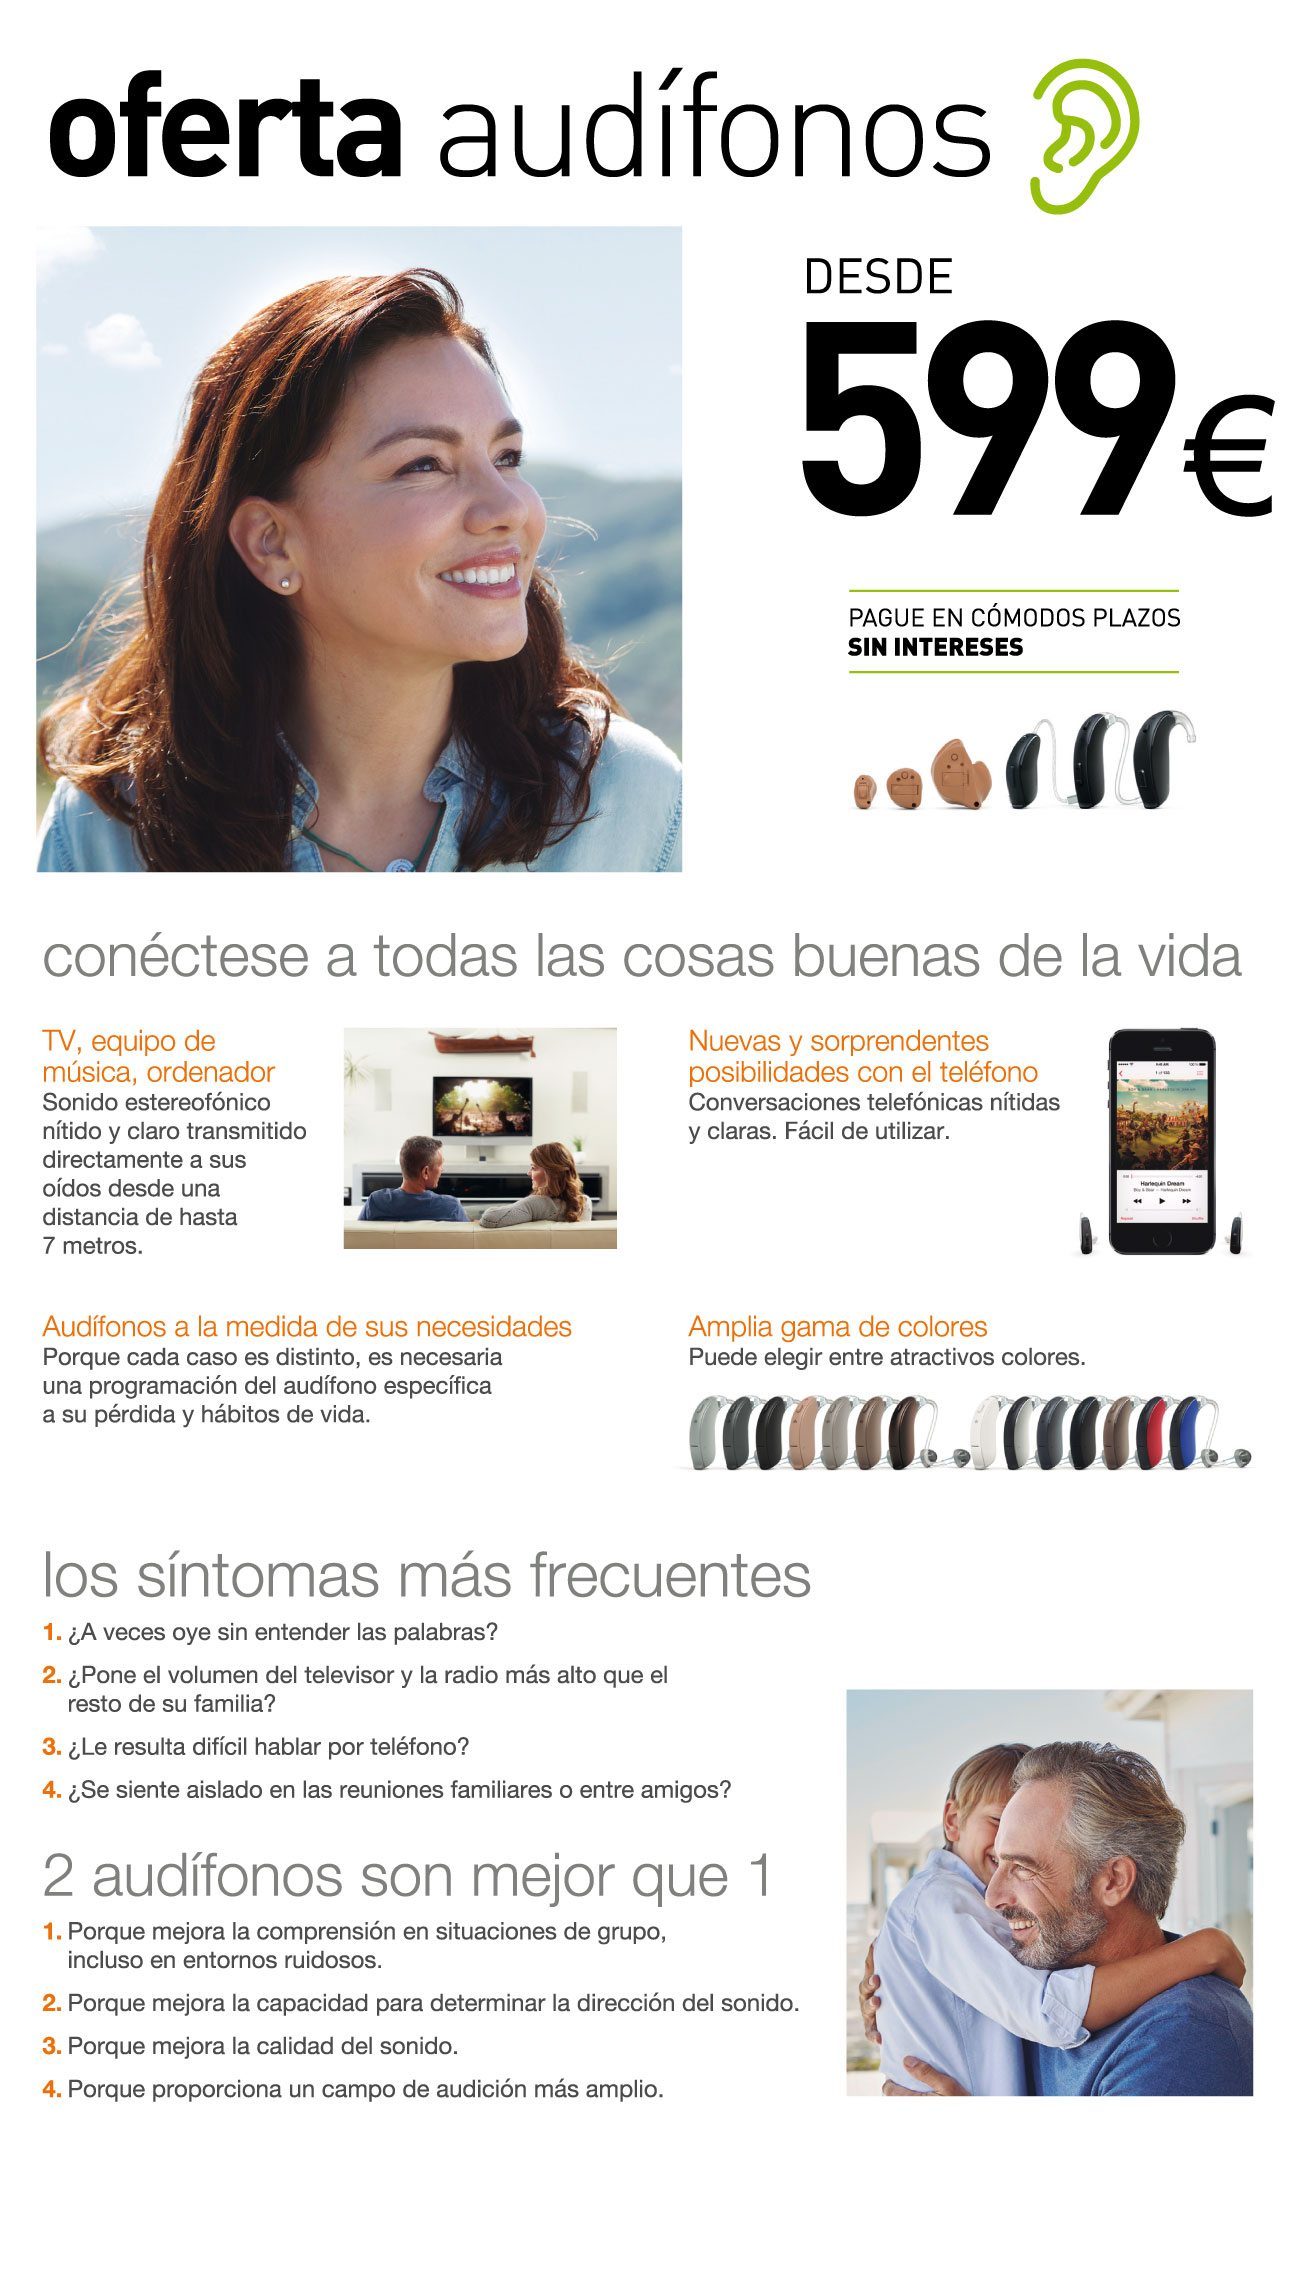 Optoclinic La Pau Altea Promociones Audifonos